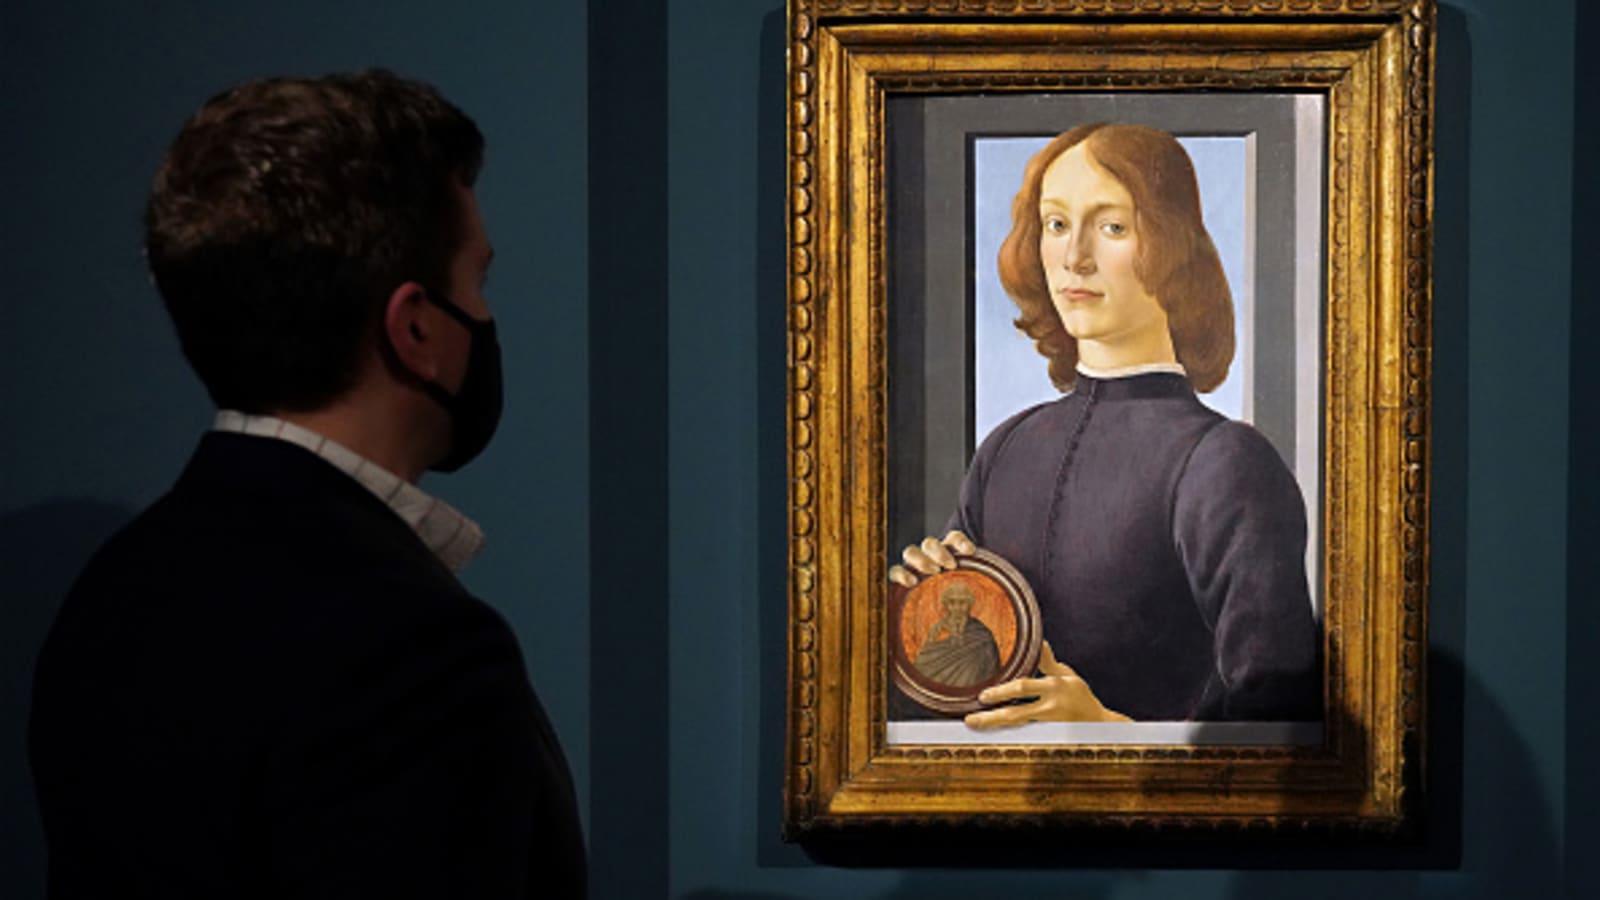 Kiệt tác của danh họa Botticelli được bán với giá hơn 92 triệu USD - 2